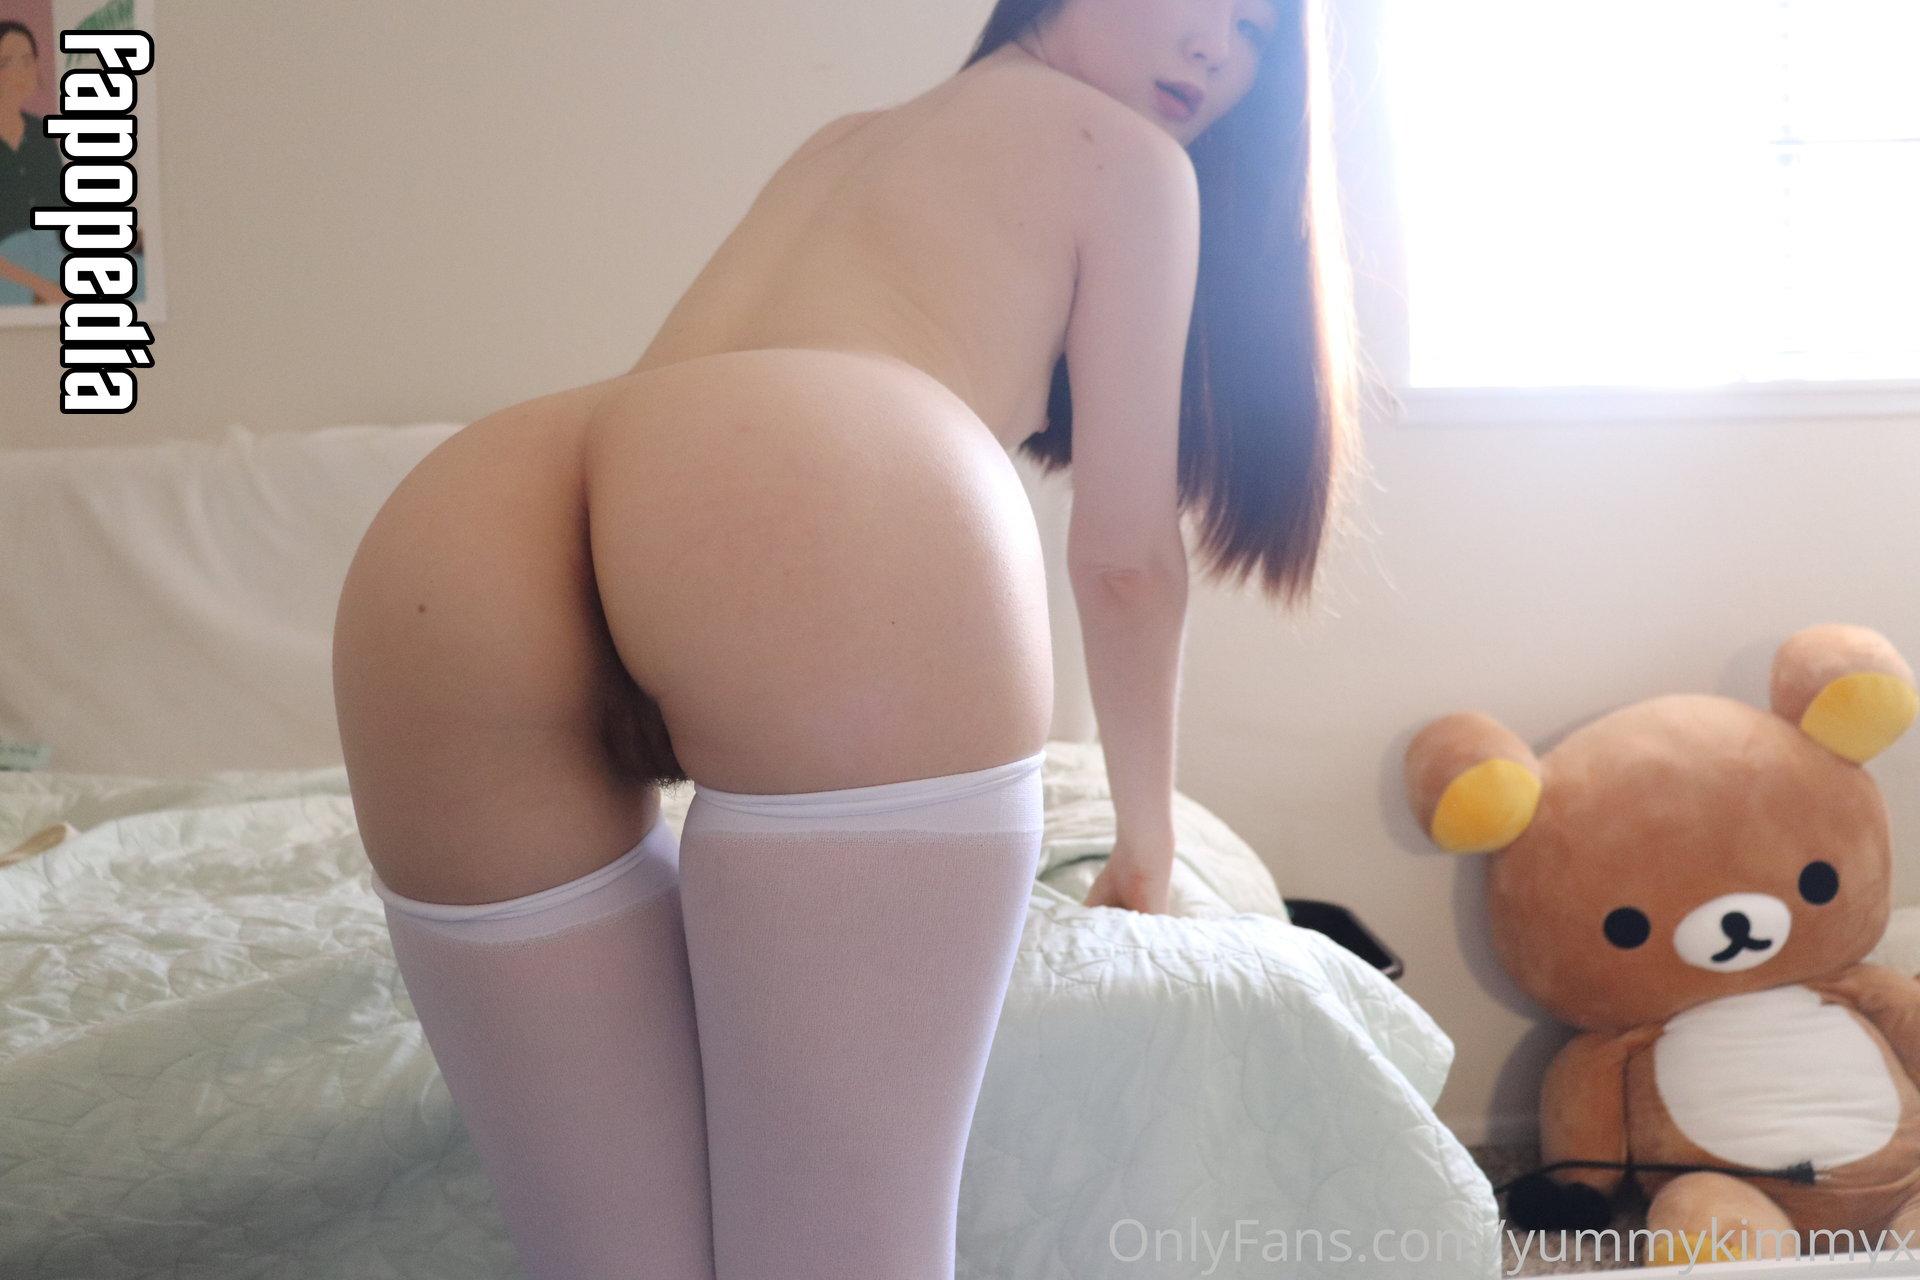 Yummykimmy Nude OnlyFans Leaks Patreon Leaks